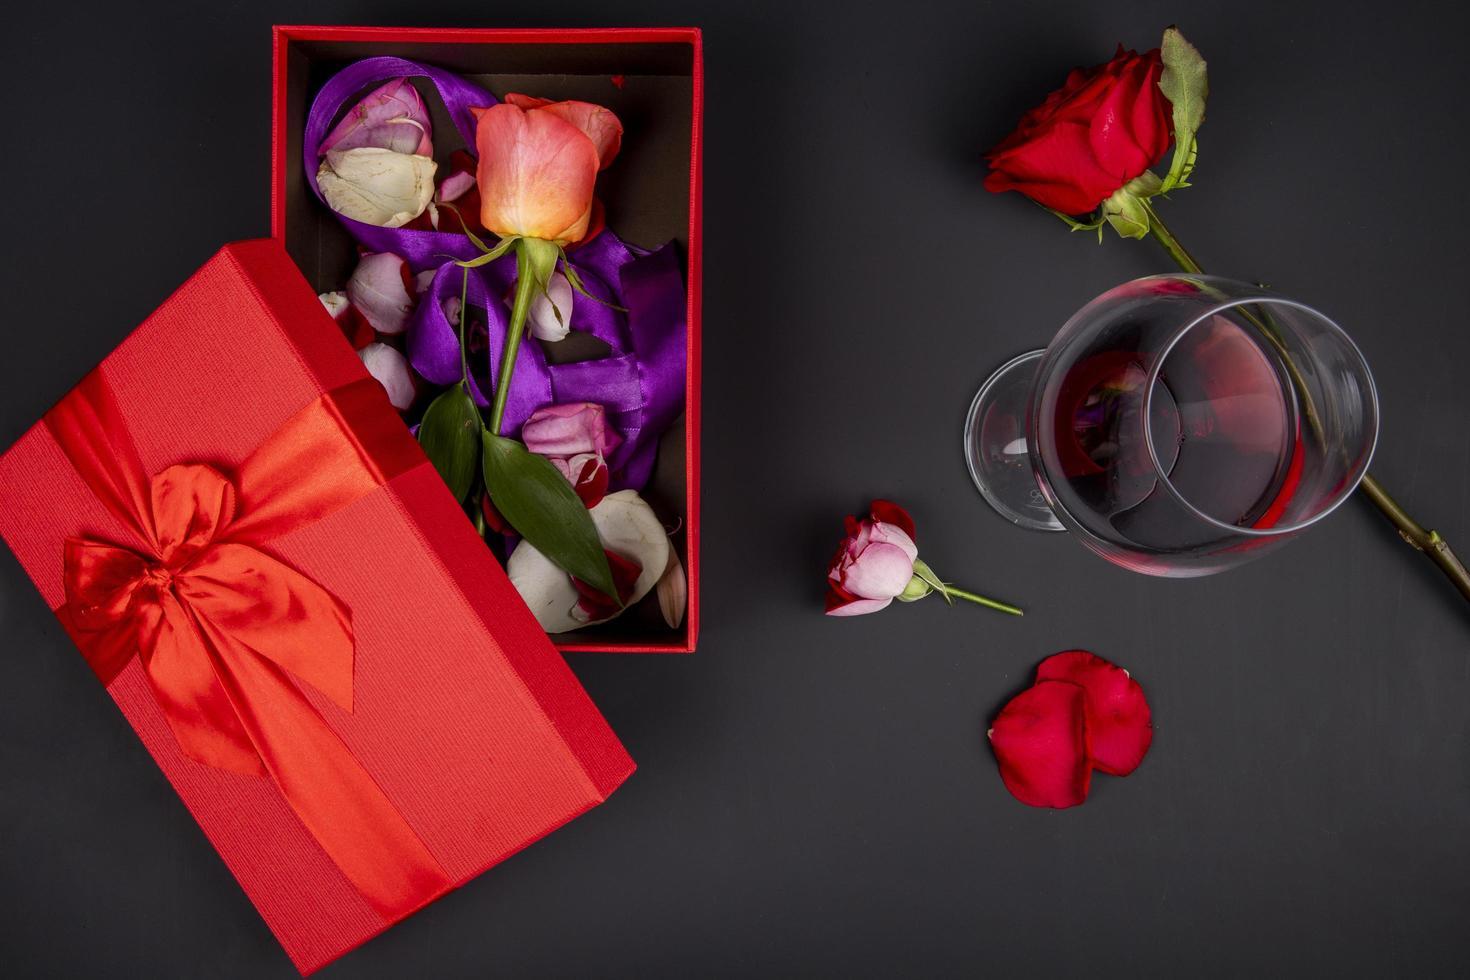 vue de dessus d'un verre de vin rouge avec une boîte de fleurs photo